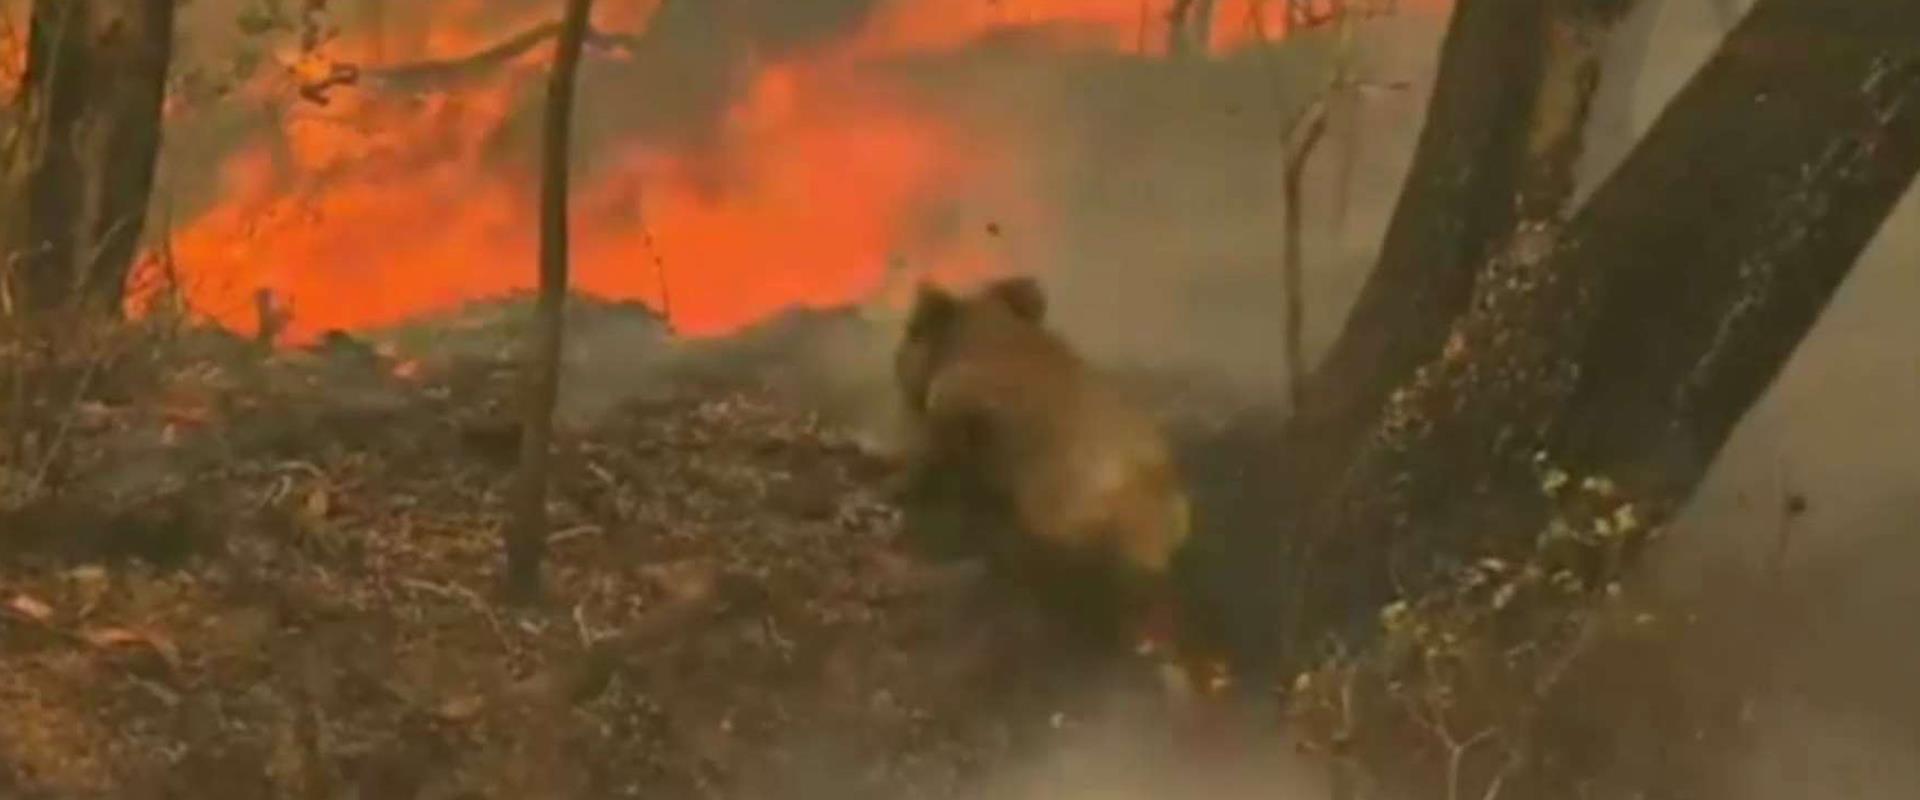 השריפות באוסטרליה משתוללות זה שבועיים